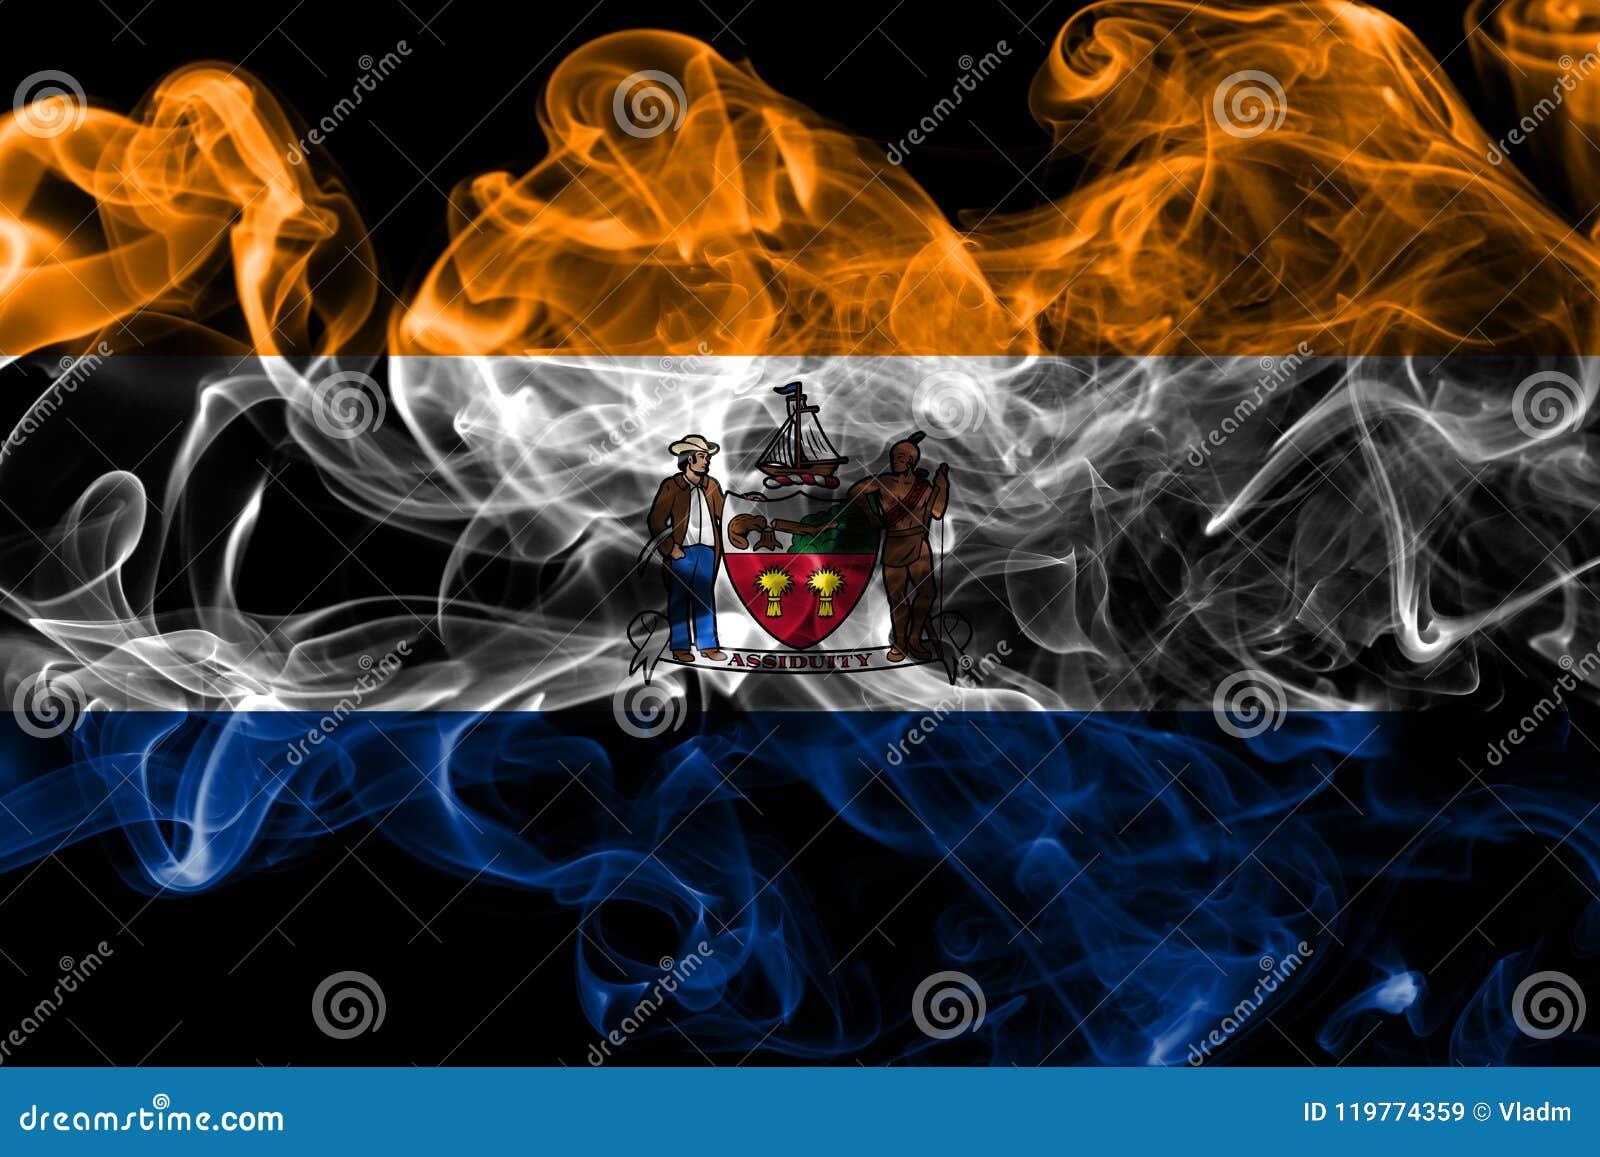 Bandera del humo de la ciudad de Albany, Estado de Nueva York, los Estados Unidos de América